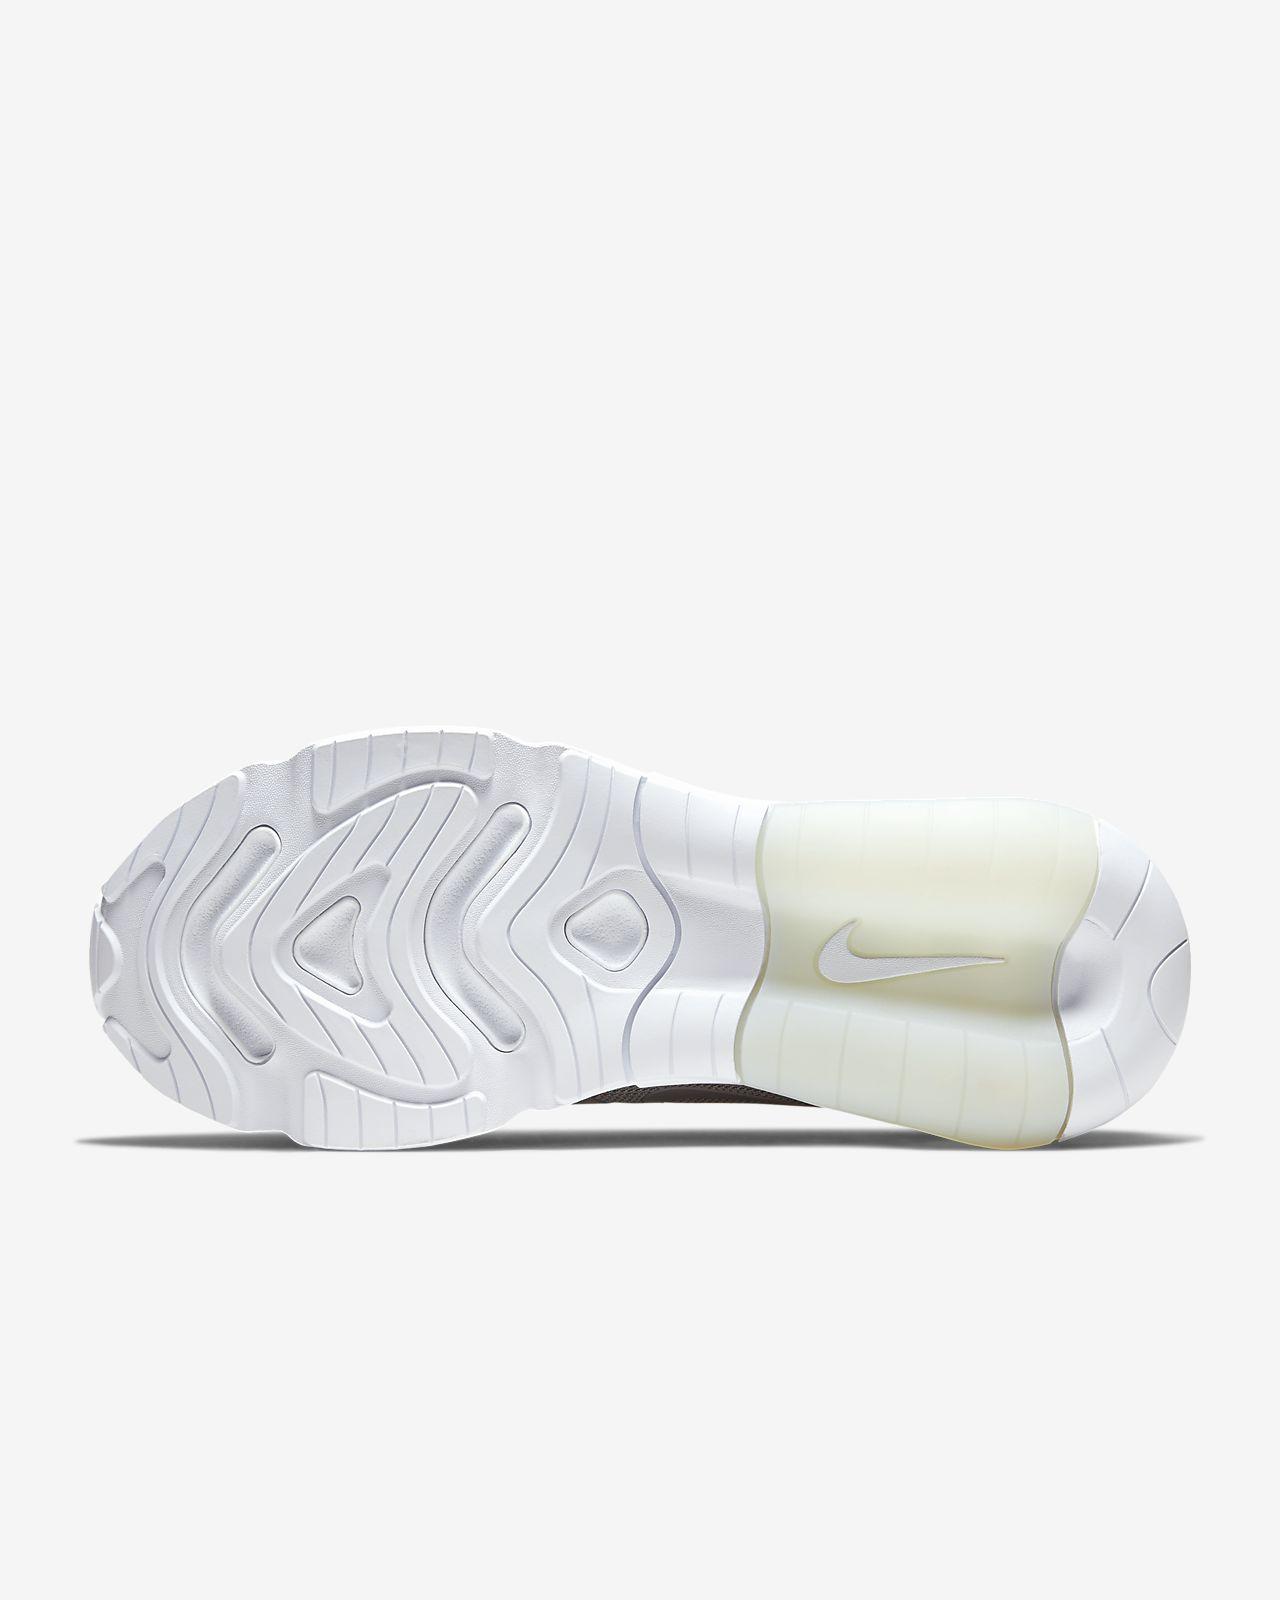 Air max 97 glitter trainers Nike Gold size 39 EU in Glitter